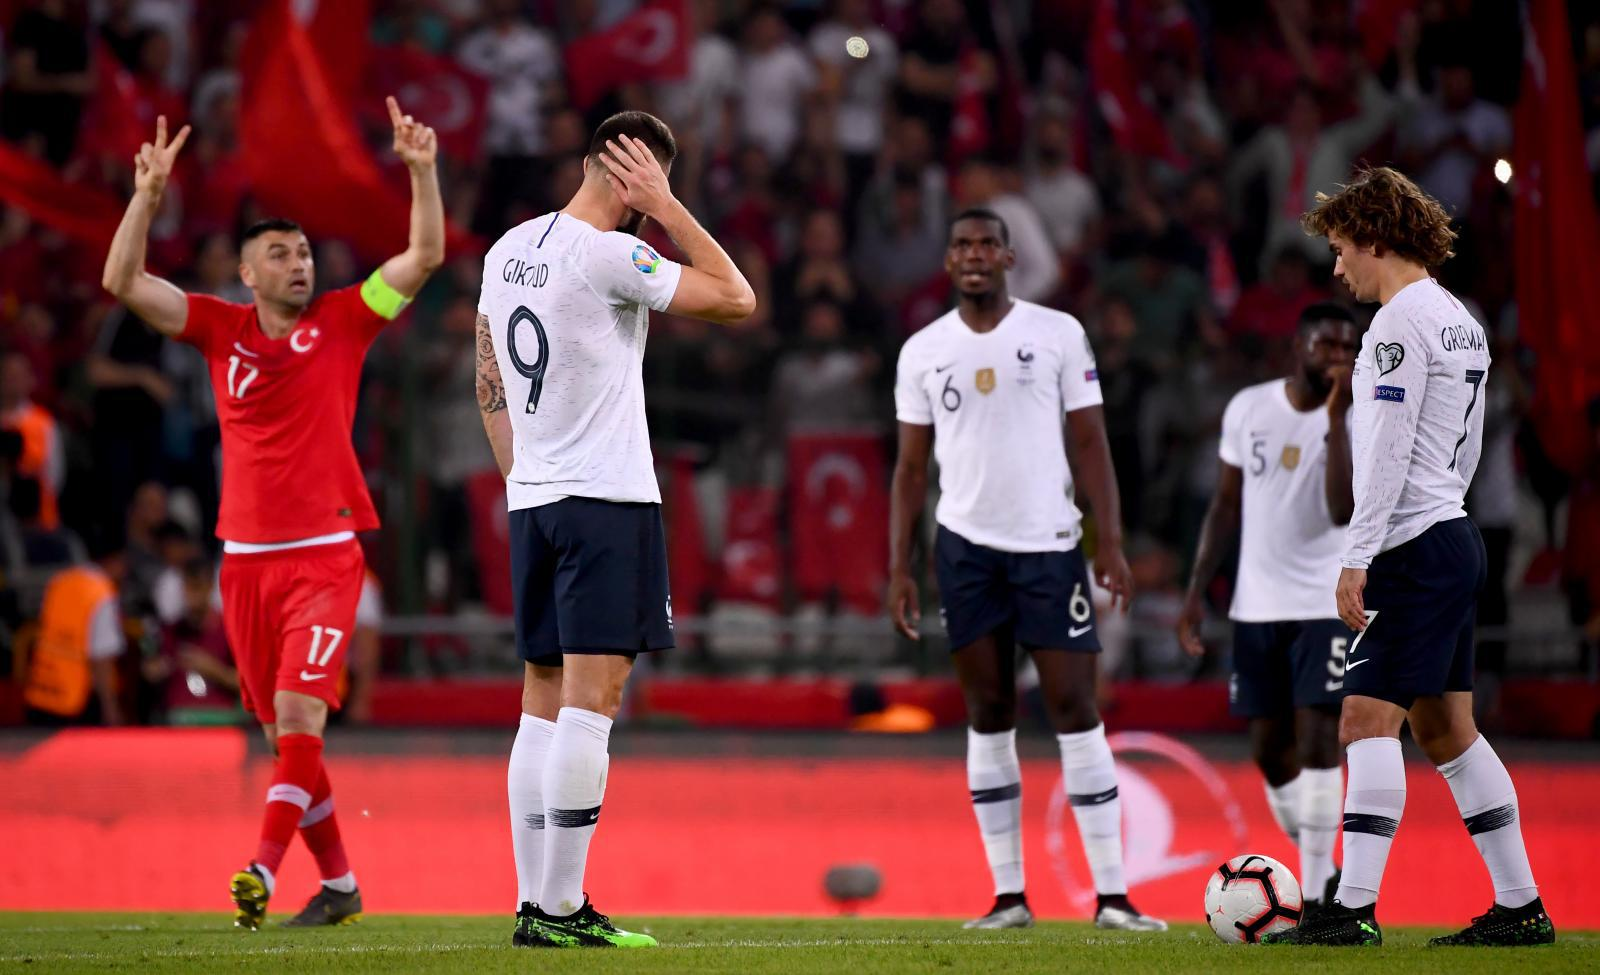 """แชมป์โลกพลาดท่า! """"ฝรั่งเศส"""" พ่าย """"ตุรกี"""" 0-2 ยูโรรอบคัดเลือก"""